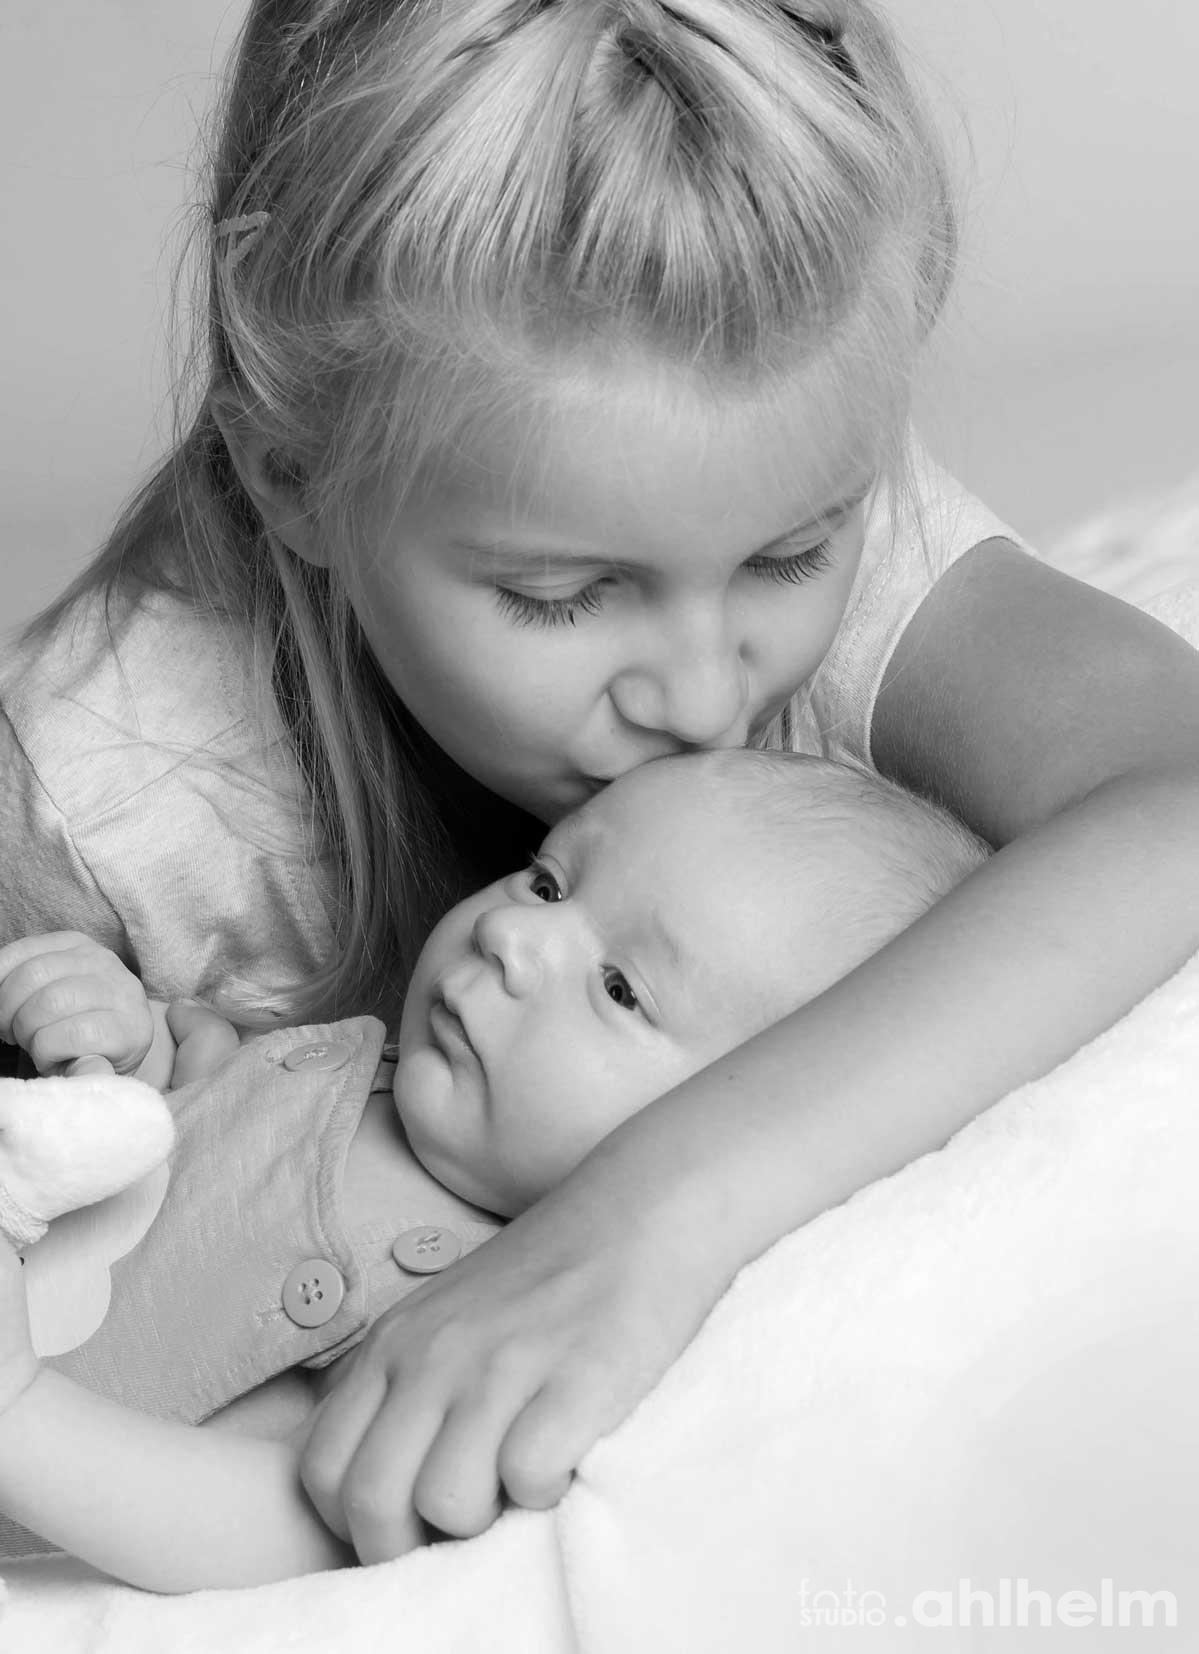 Fotostudio Ahlhelm Kinder Baby mit großer Schwester Küsschen